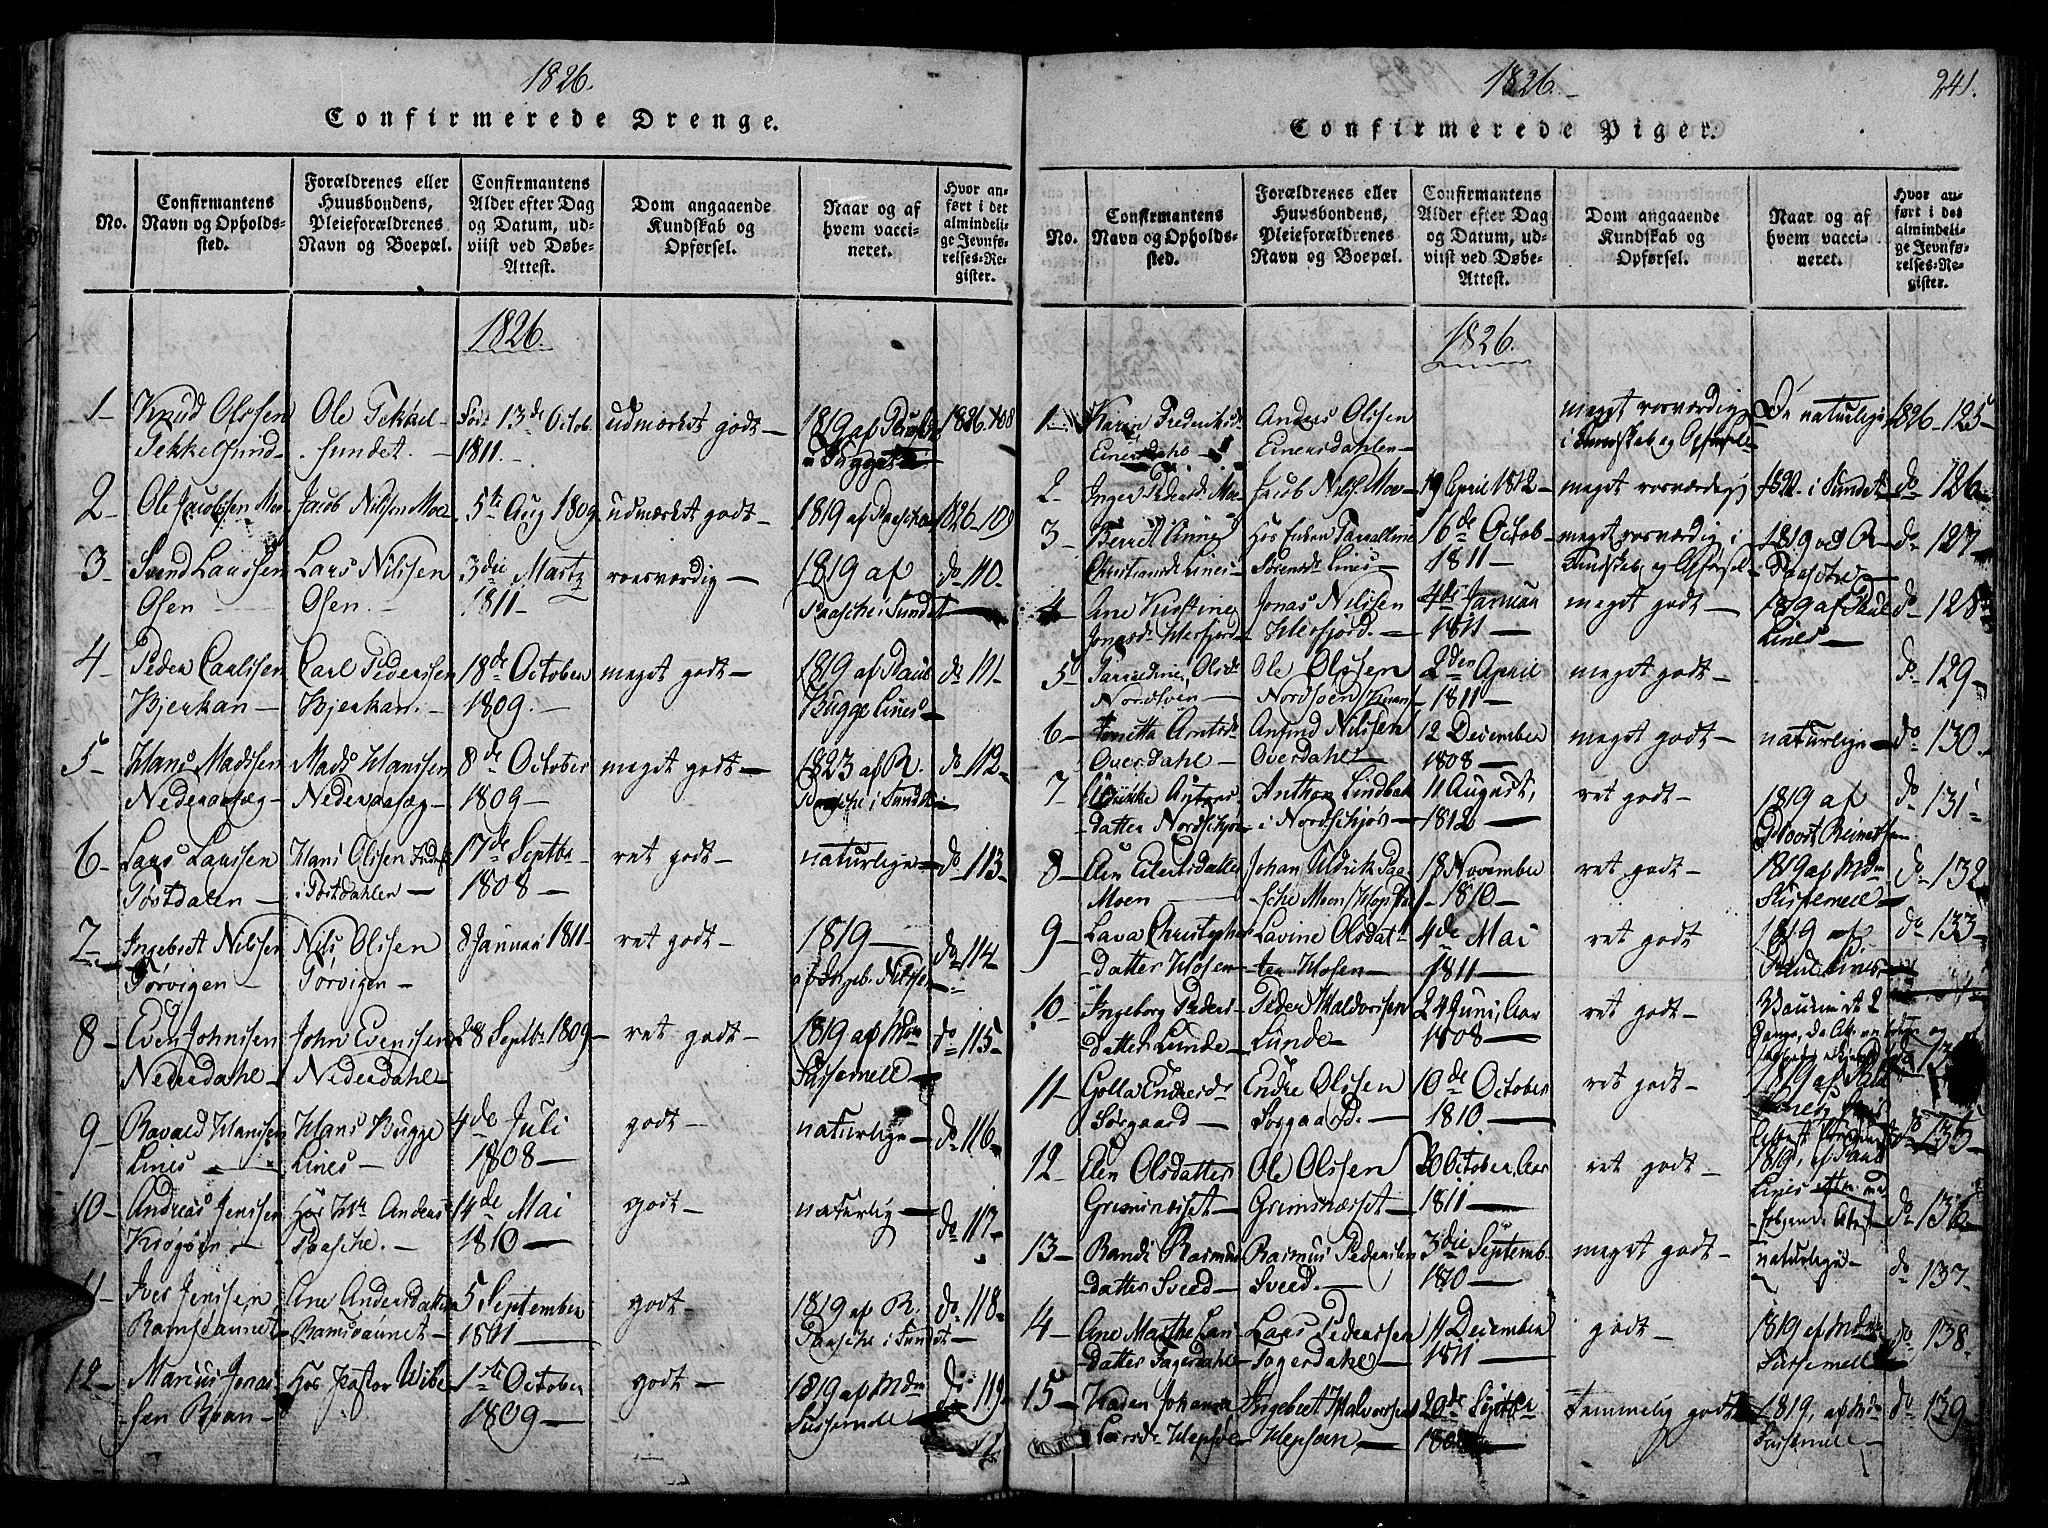 SAT, Ministerialprotokoller, klokkerbøker og fødselsregistre - Sør-Trøndelag, 657/L0702: Ministerialbok nr. 657A03, 1818-1831, s. 241